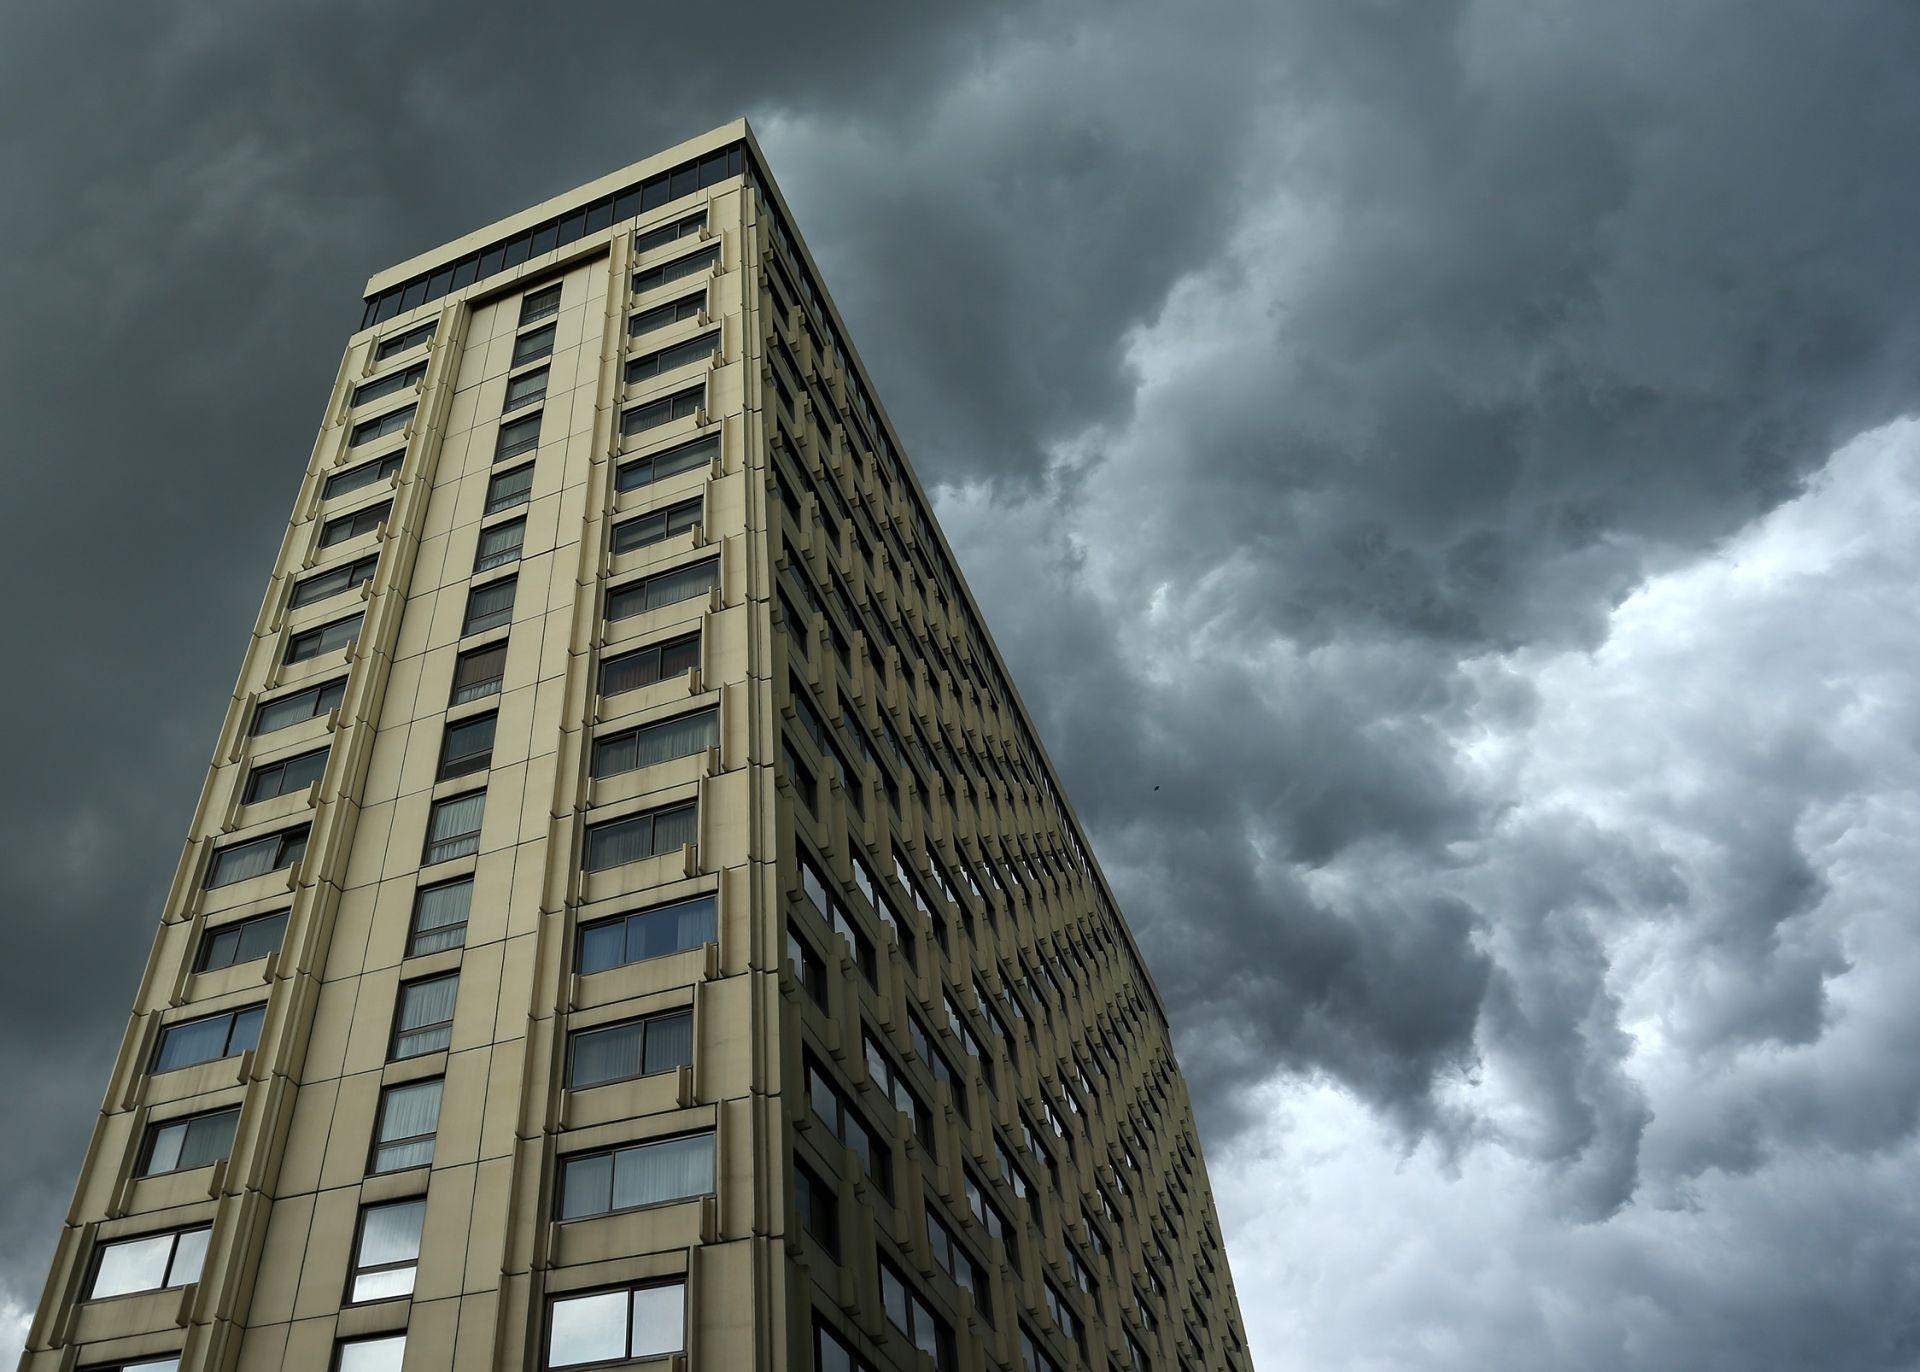 VRIJEME: Oblačno uz povremenu kišu, u gorju moguć slab snijeg